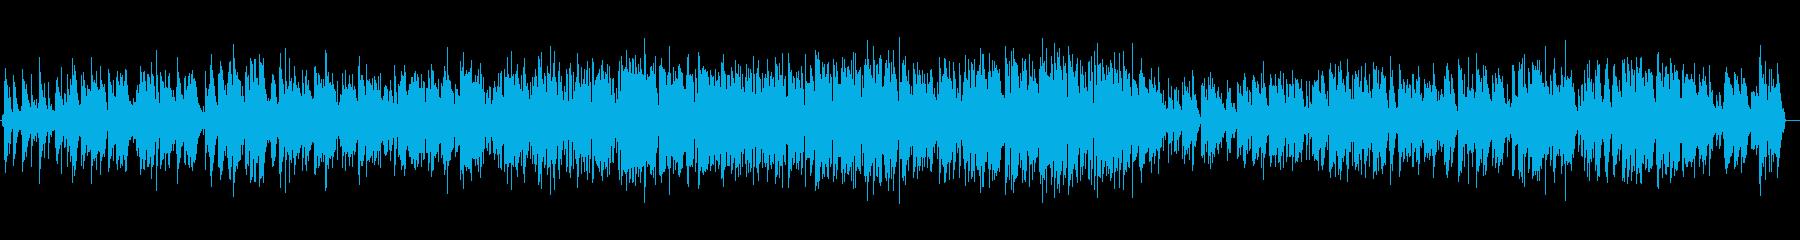 唱歌のジャズワルツの再生済みの波形